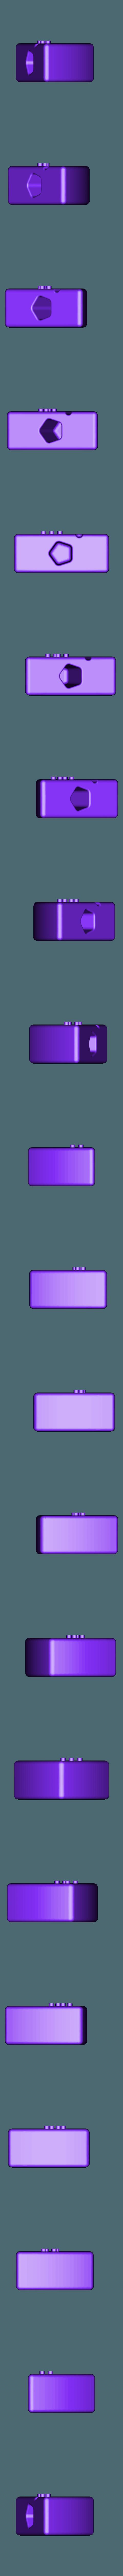 T.stl Download free STL file Rocket Fittle Puzzle • 3D printer design, Fittle